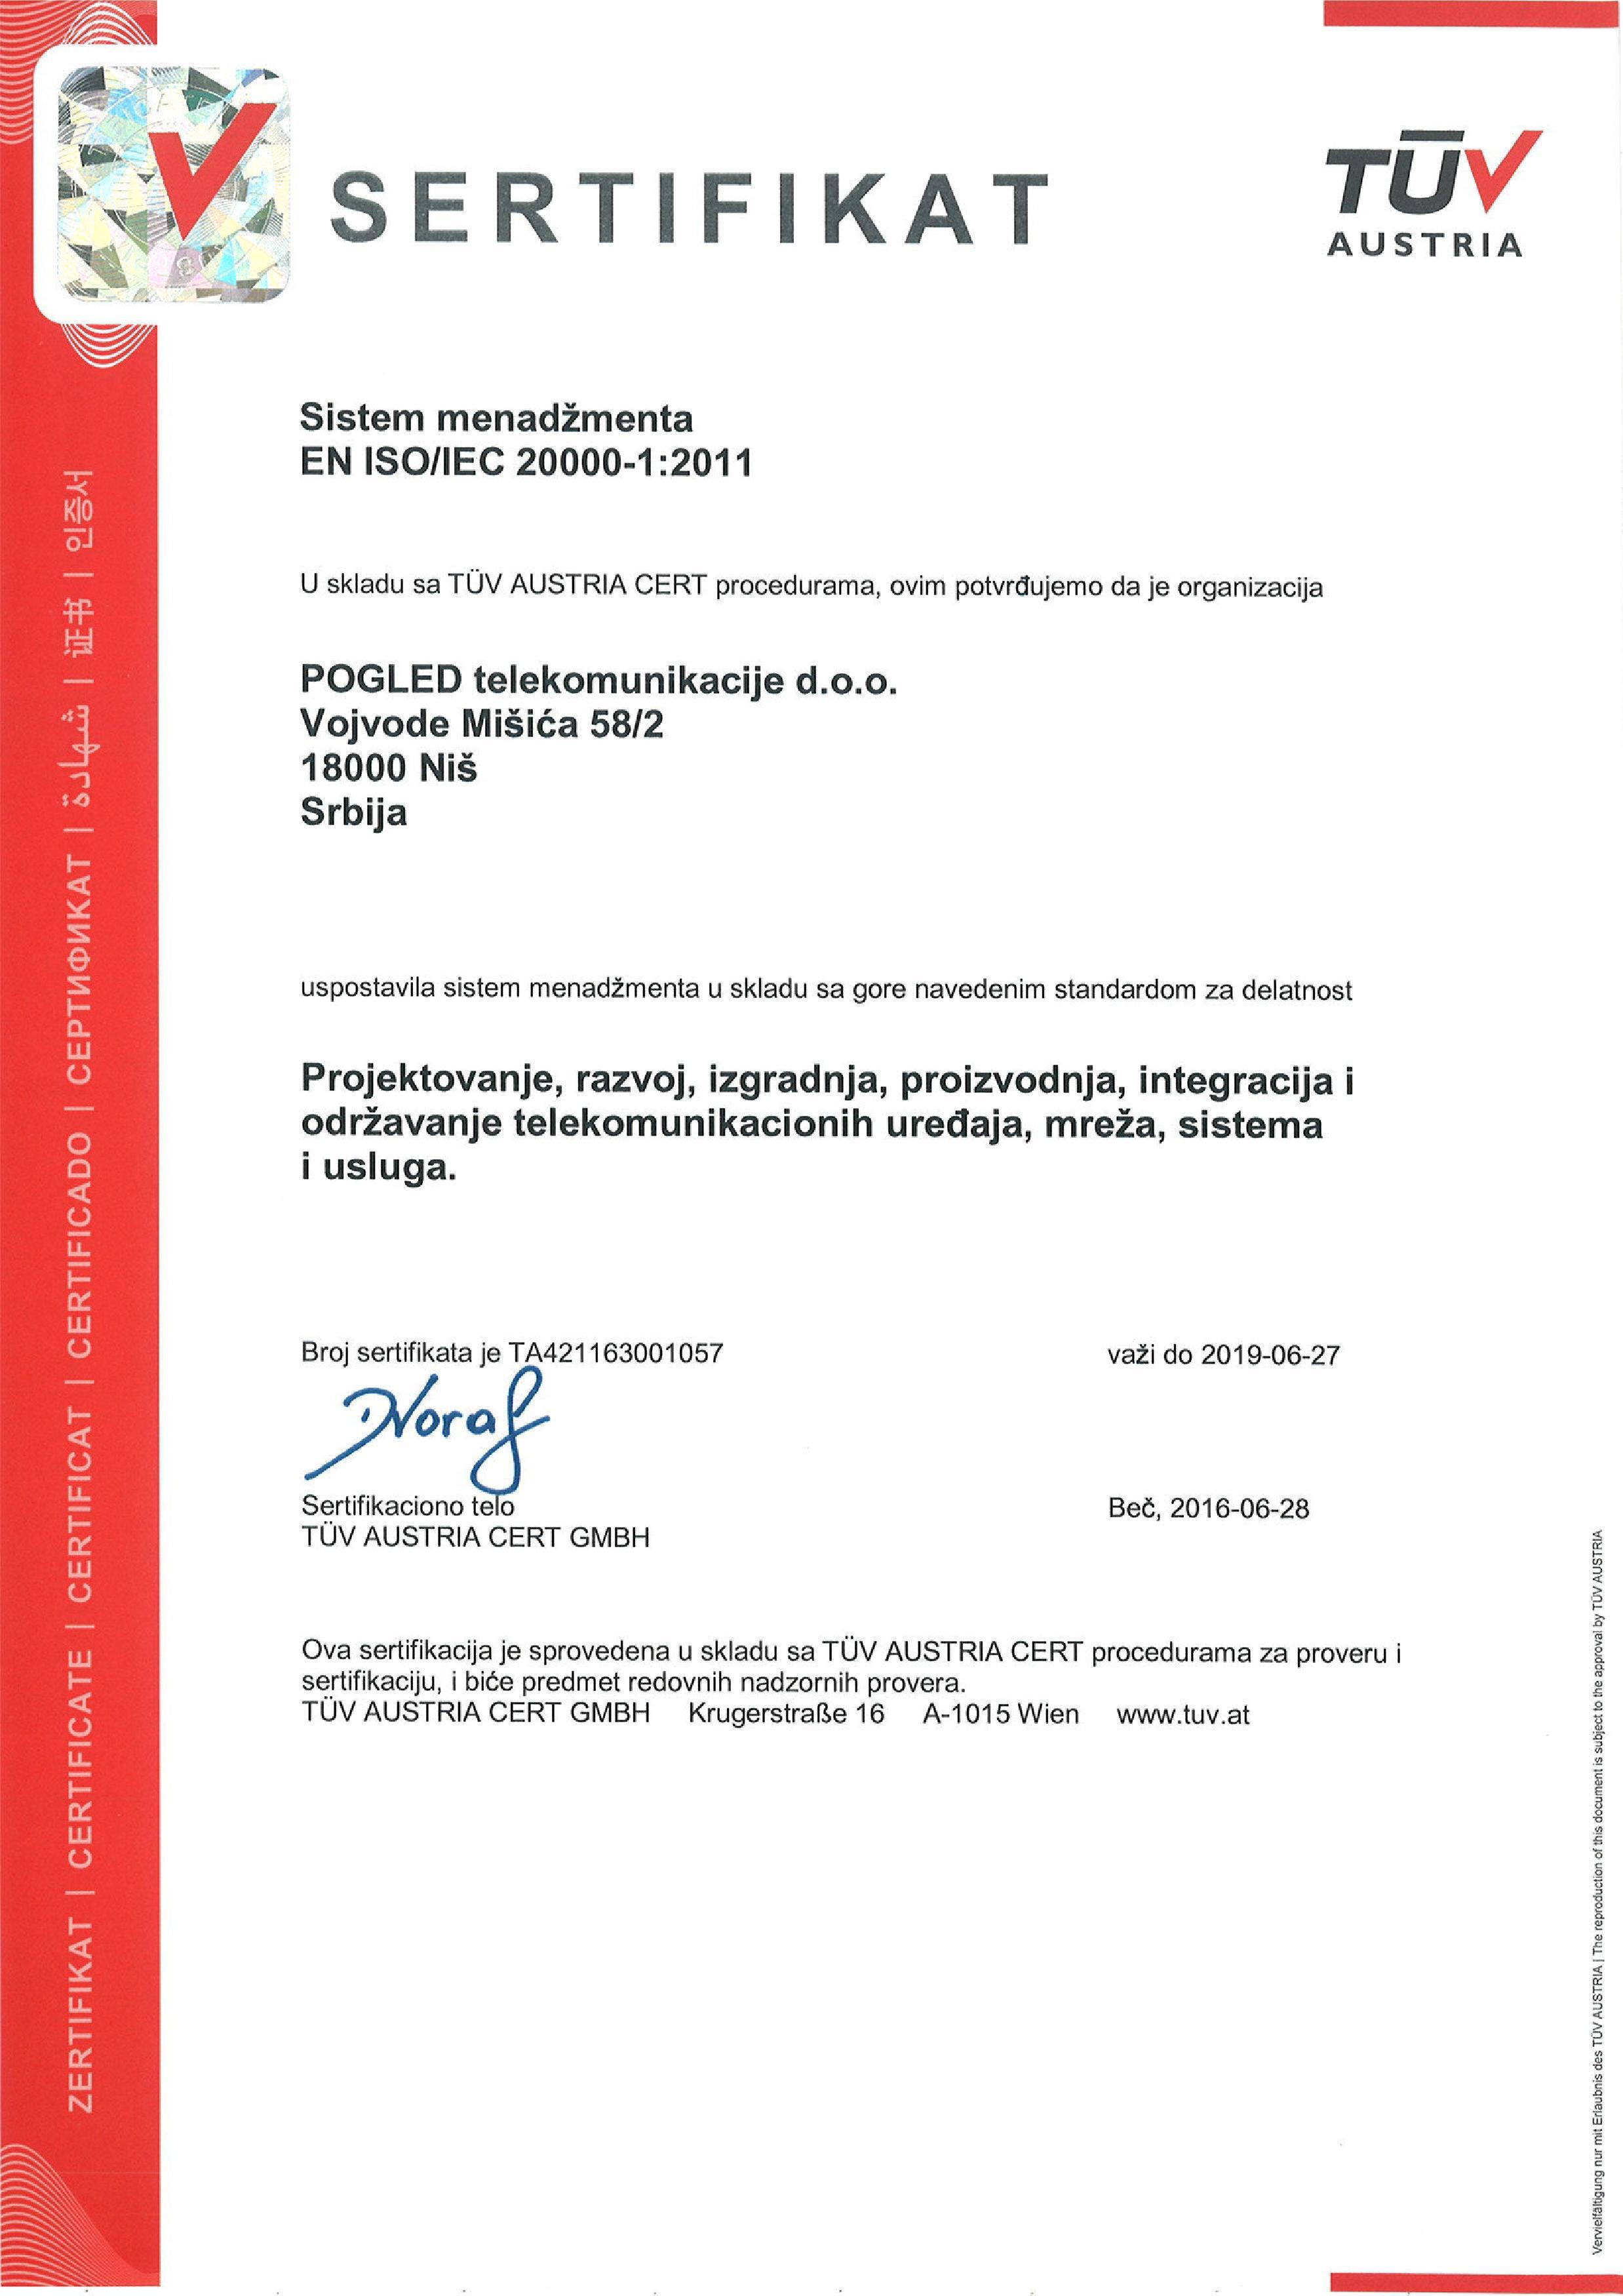 Sertifikat-20000.jpg